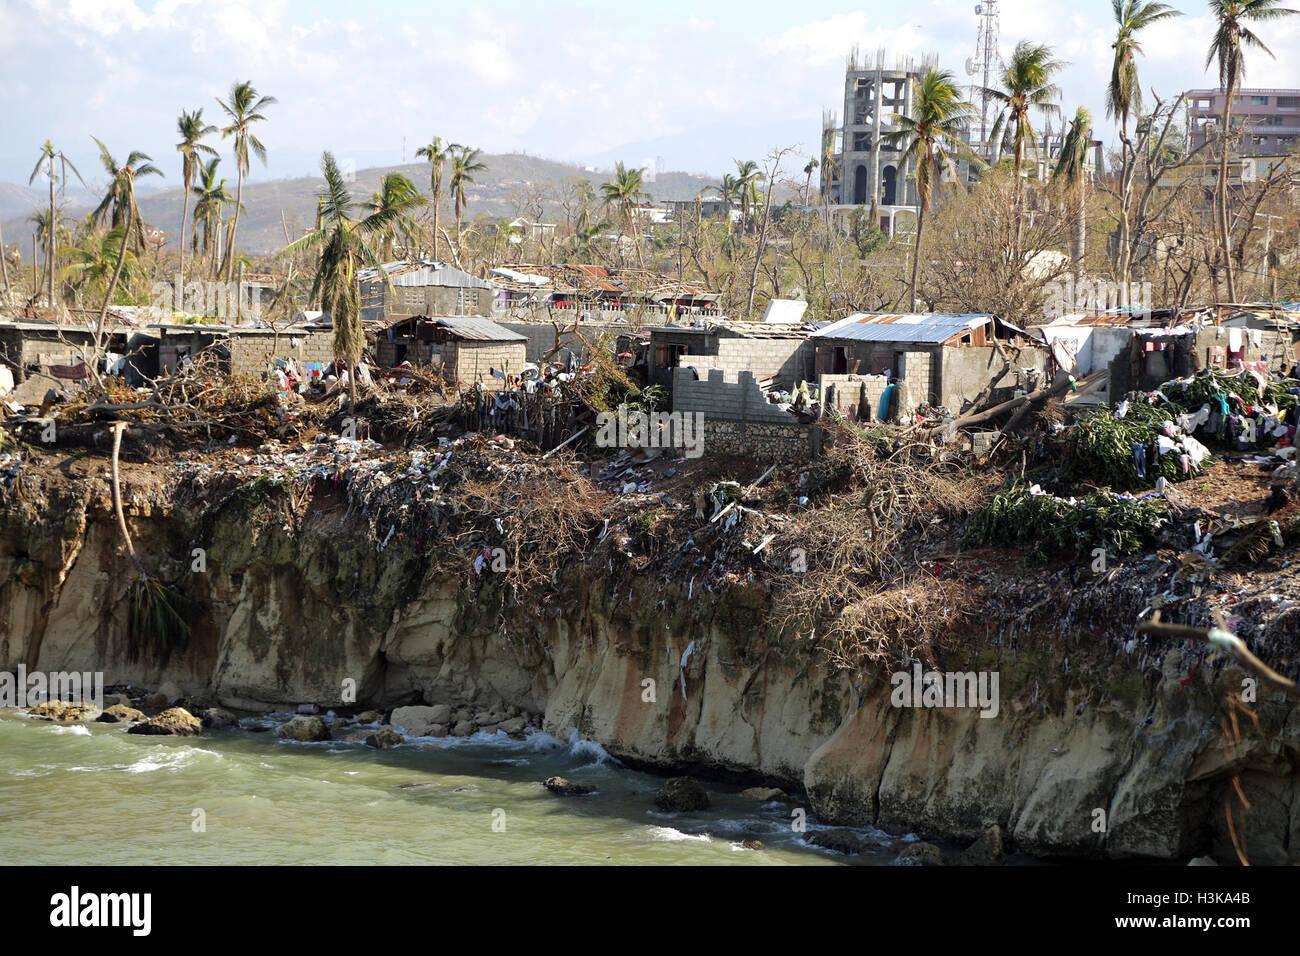 Grand Anse, Grand-Anse Departamento. 8 Oct, 2016. Imagen proporcionada por el Fondo de las Naciones Unidas para Imagen De Stock